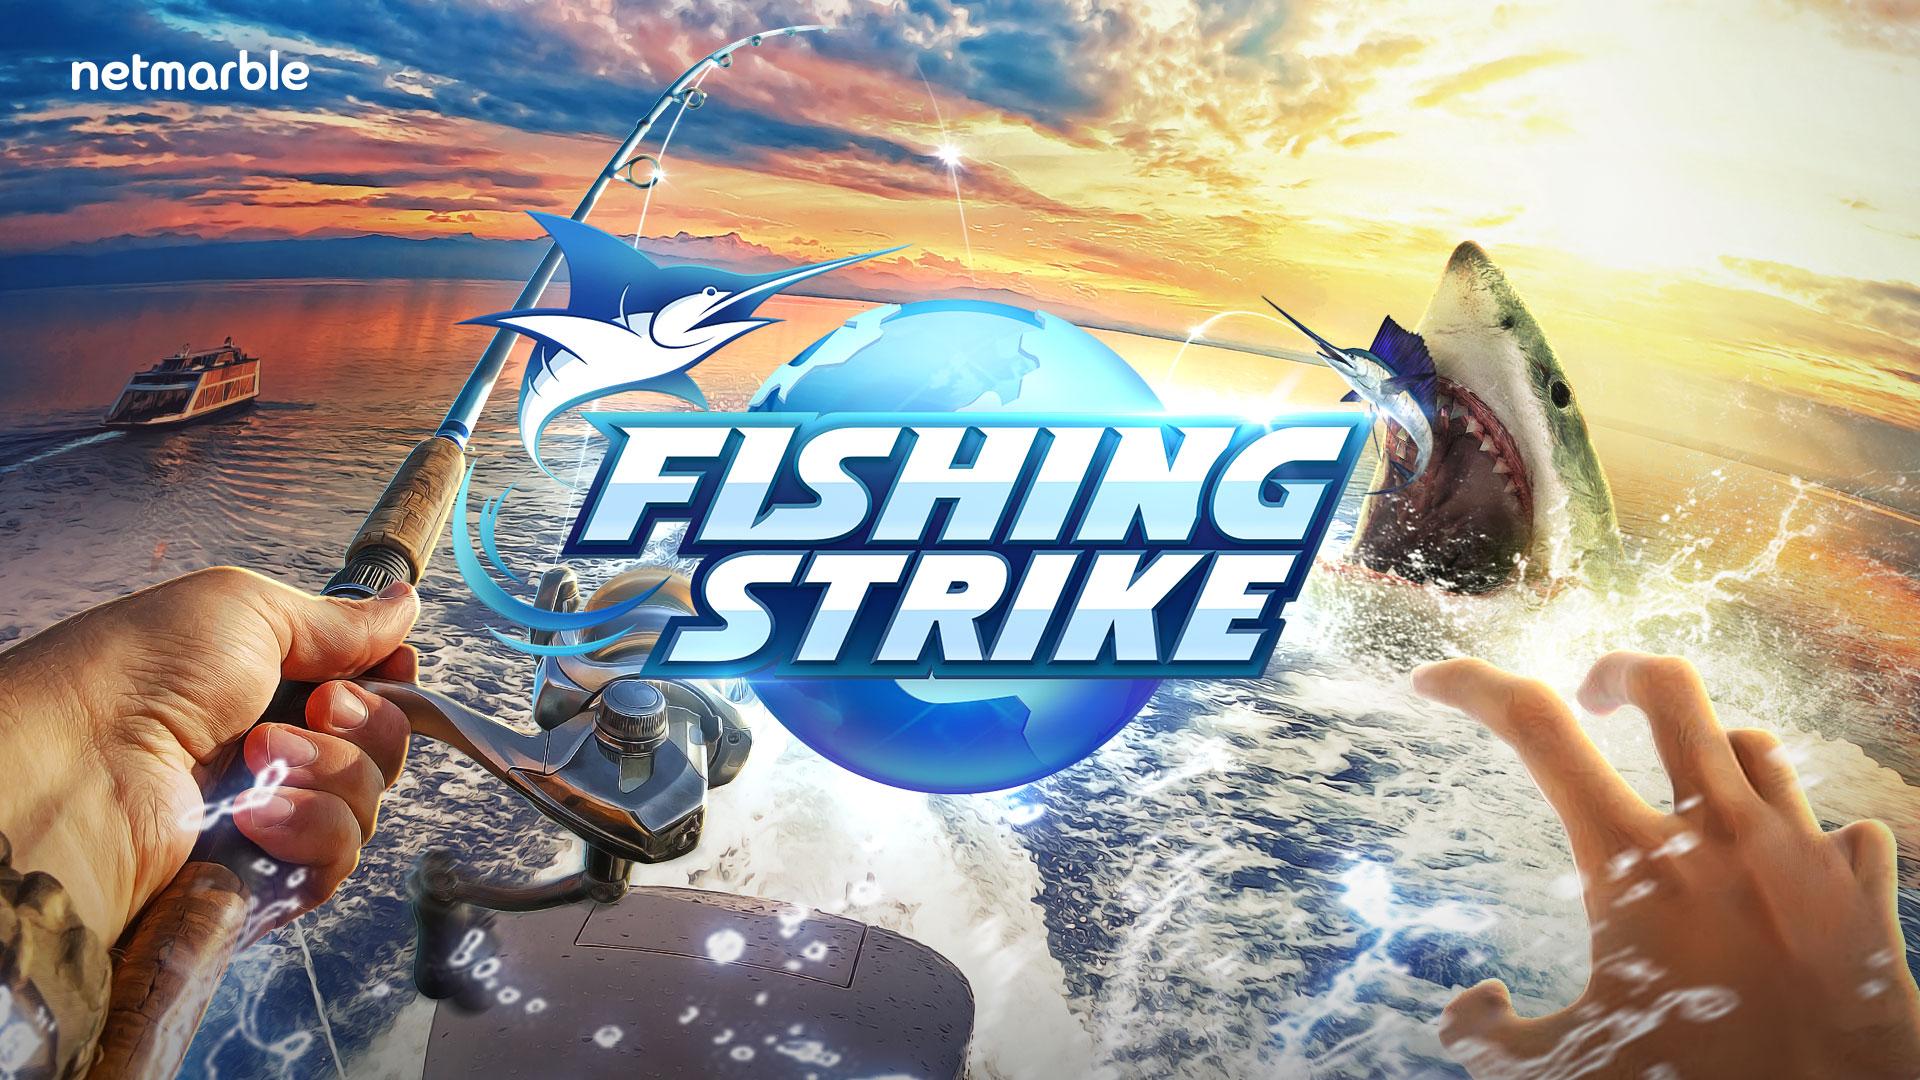 Fishing Strike 2942020 1